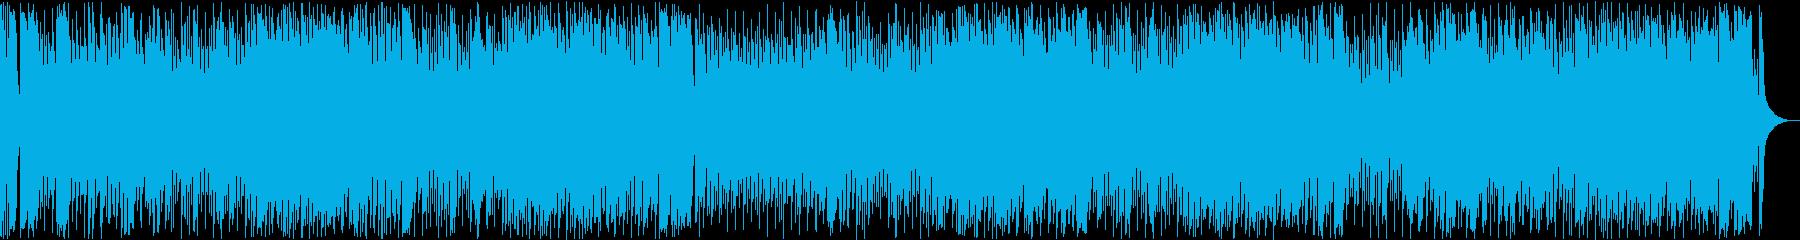 ファンク・ドッキリ・盛り上がるの再生済みの波形